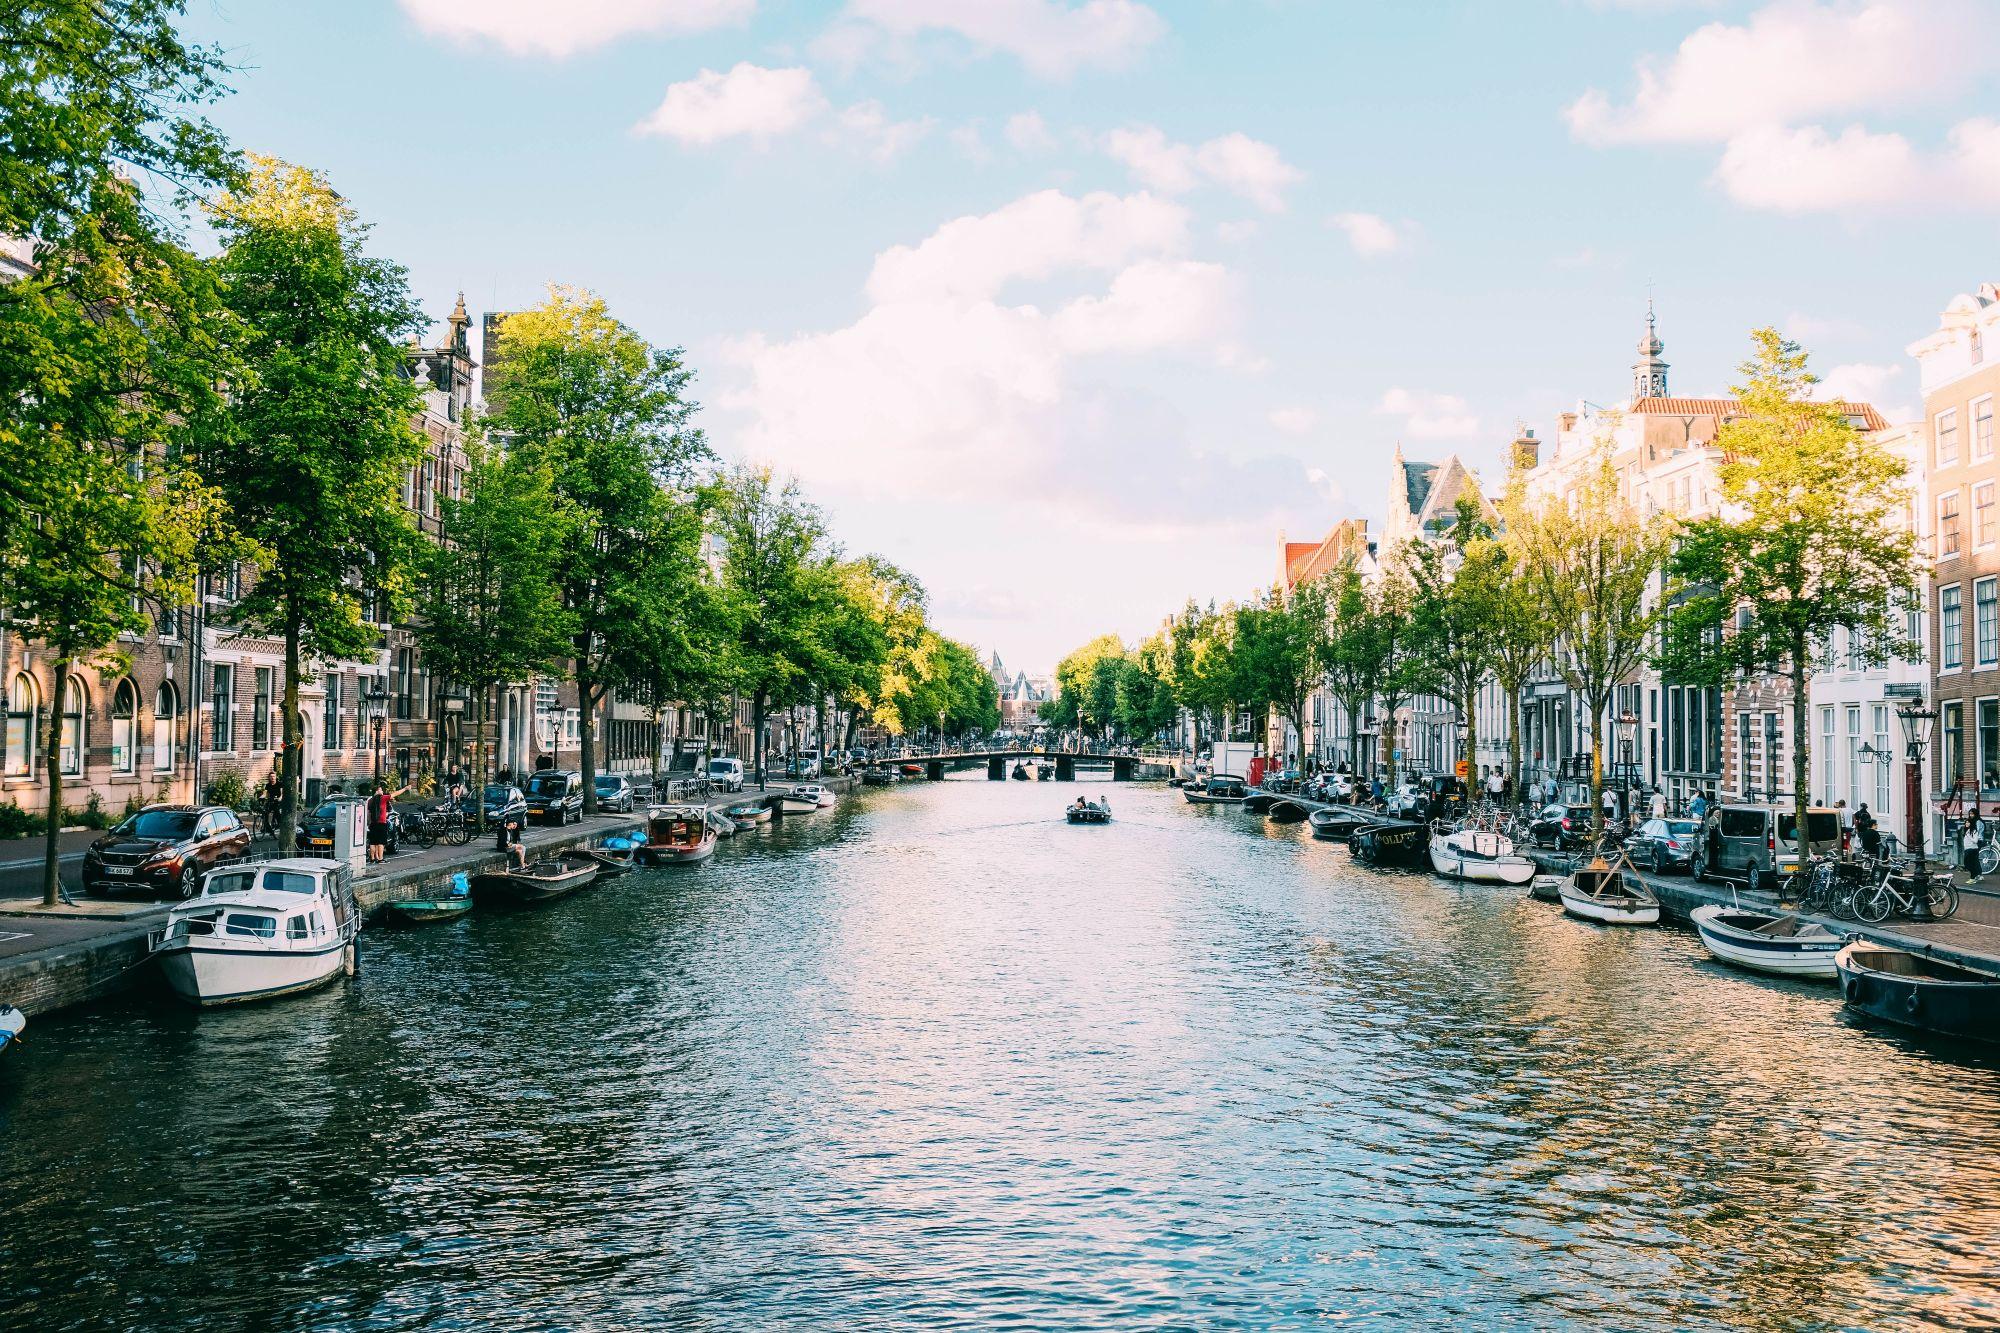 """เนเธอร์แลนด์โบกมือลาชื่อเล่น """"ฮอลแลนด์"""" อย่างเป็นทางการ"""